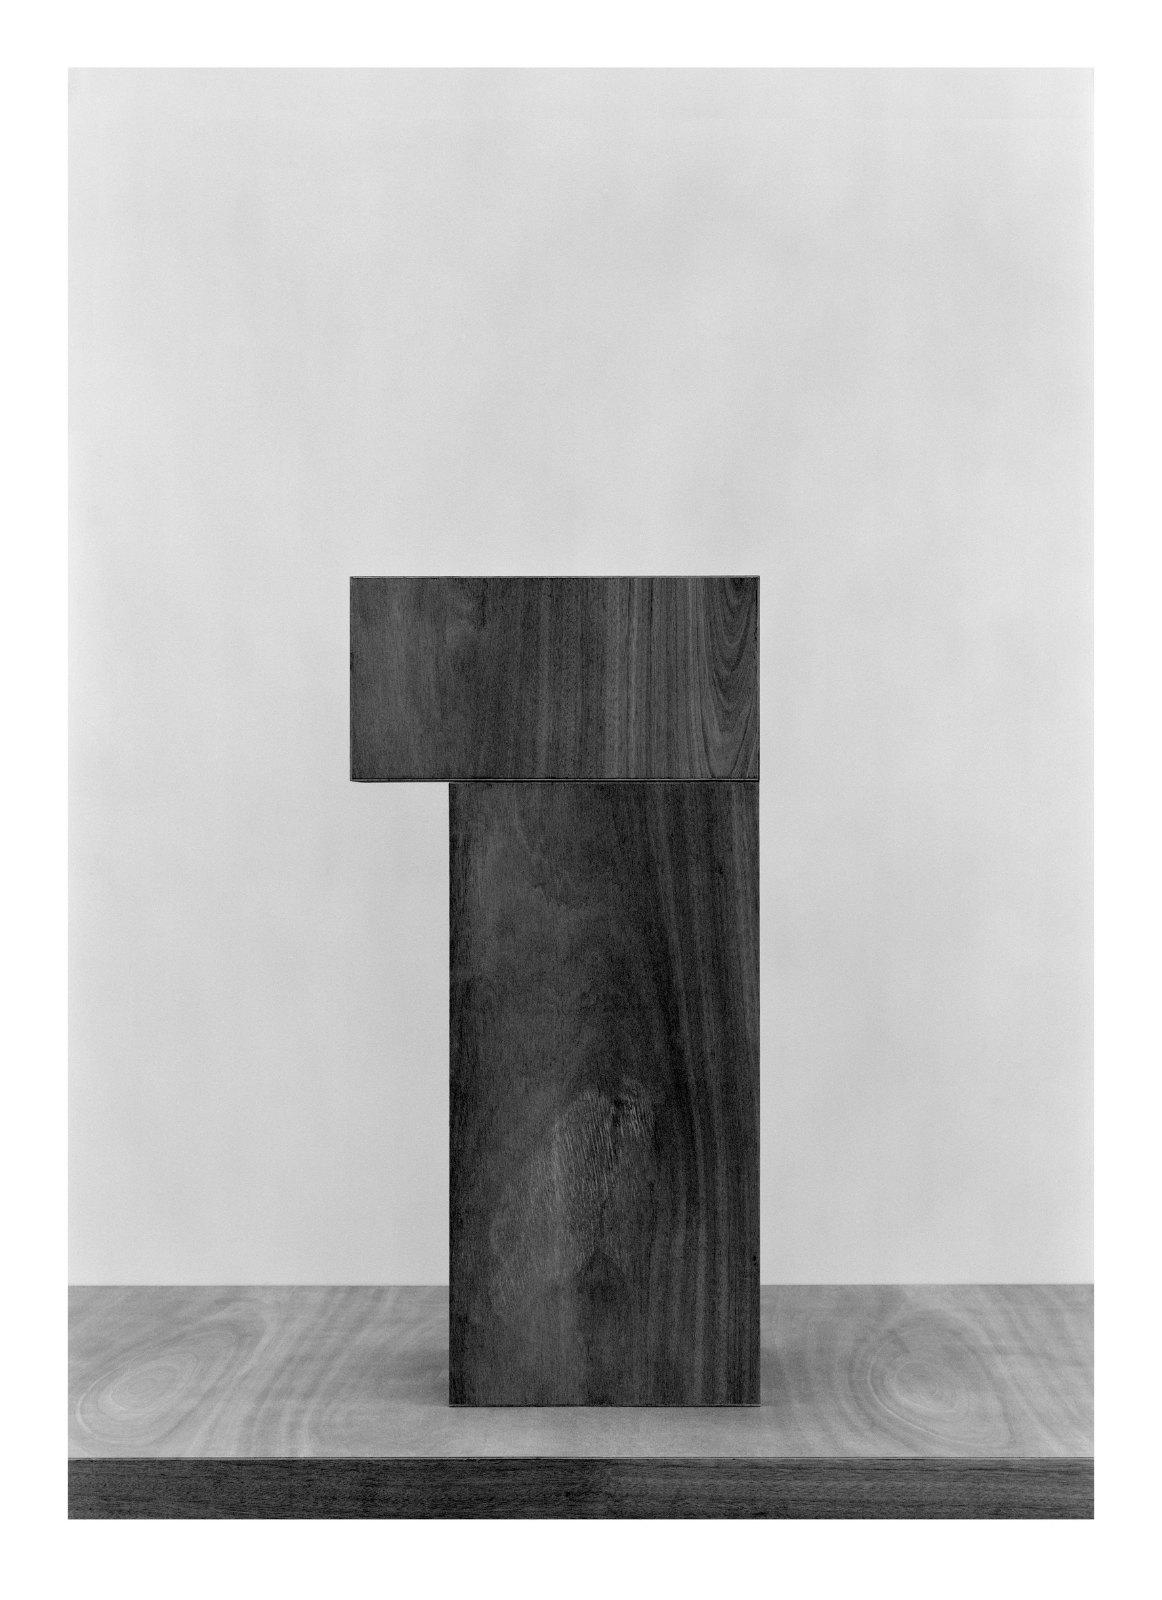 Sett M. VI - mars 09, 2009, lambda print, 59 x 46 cm